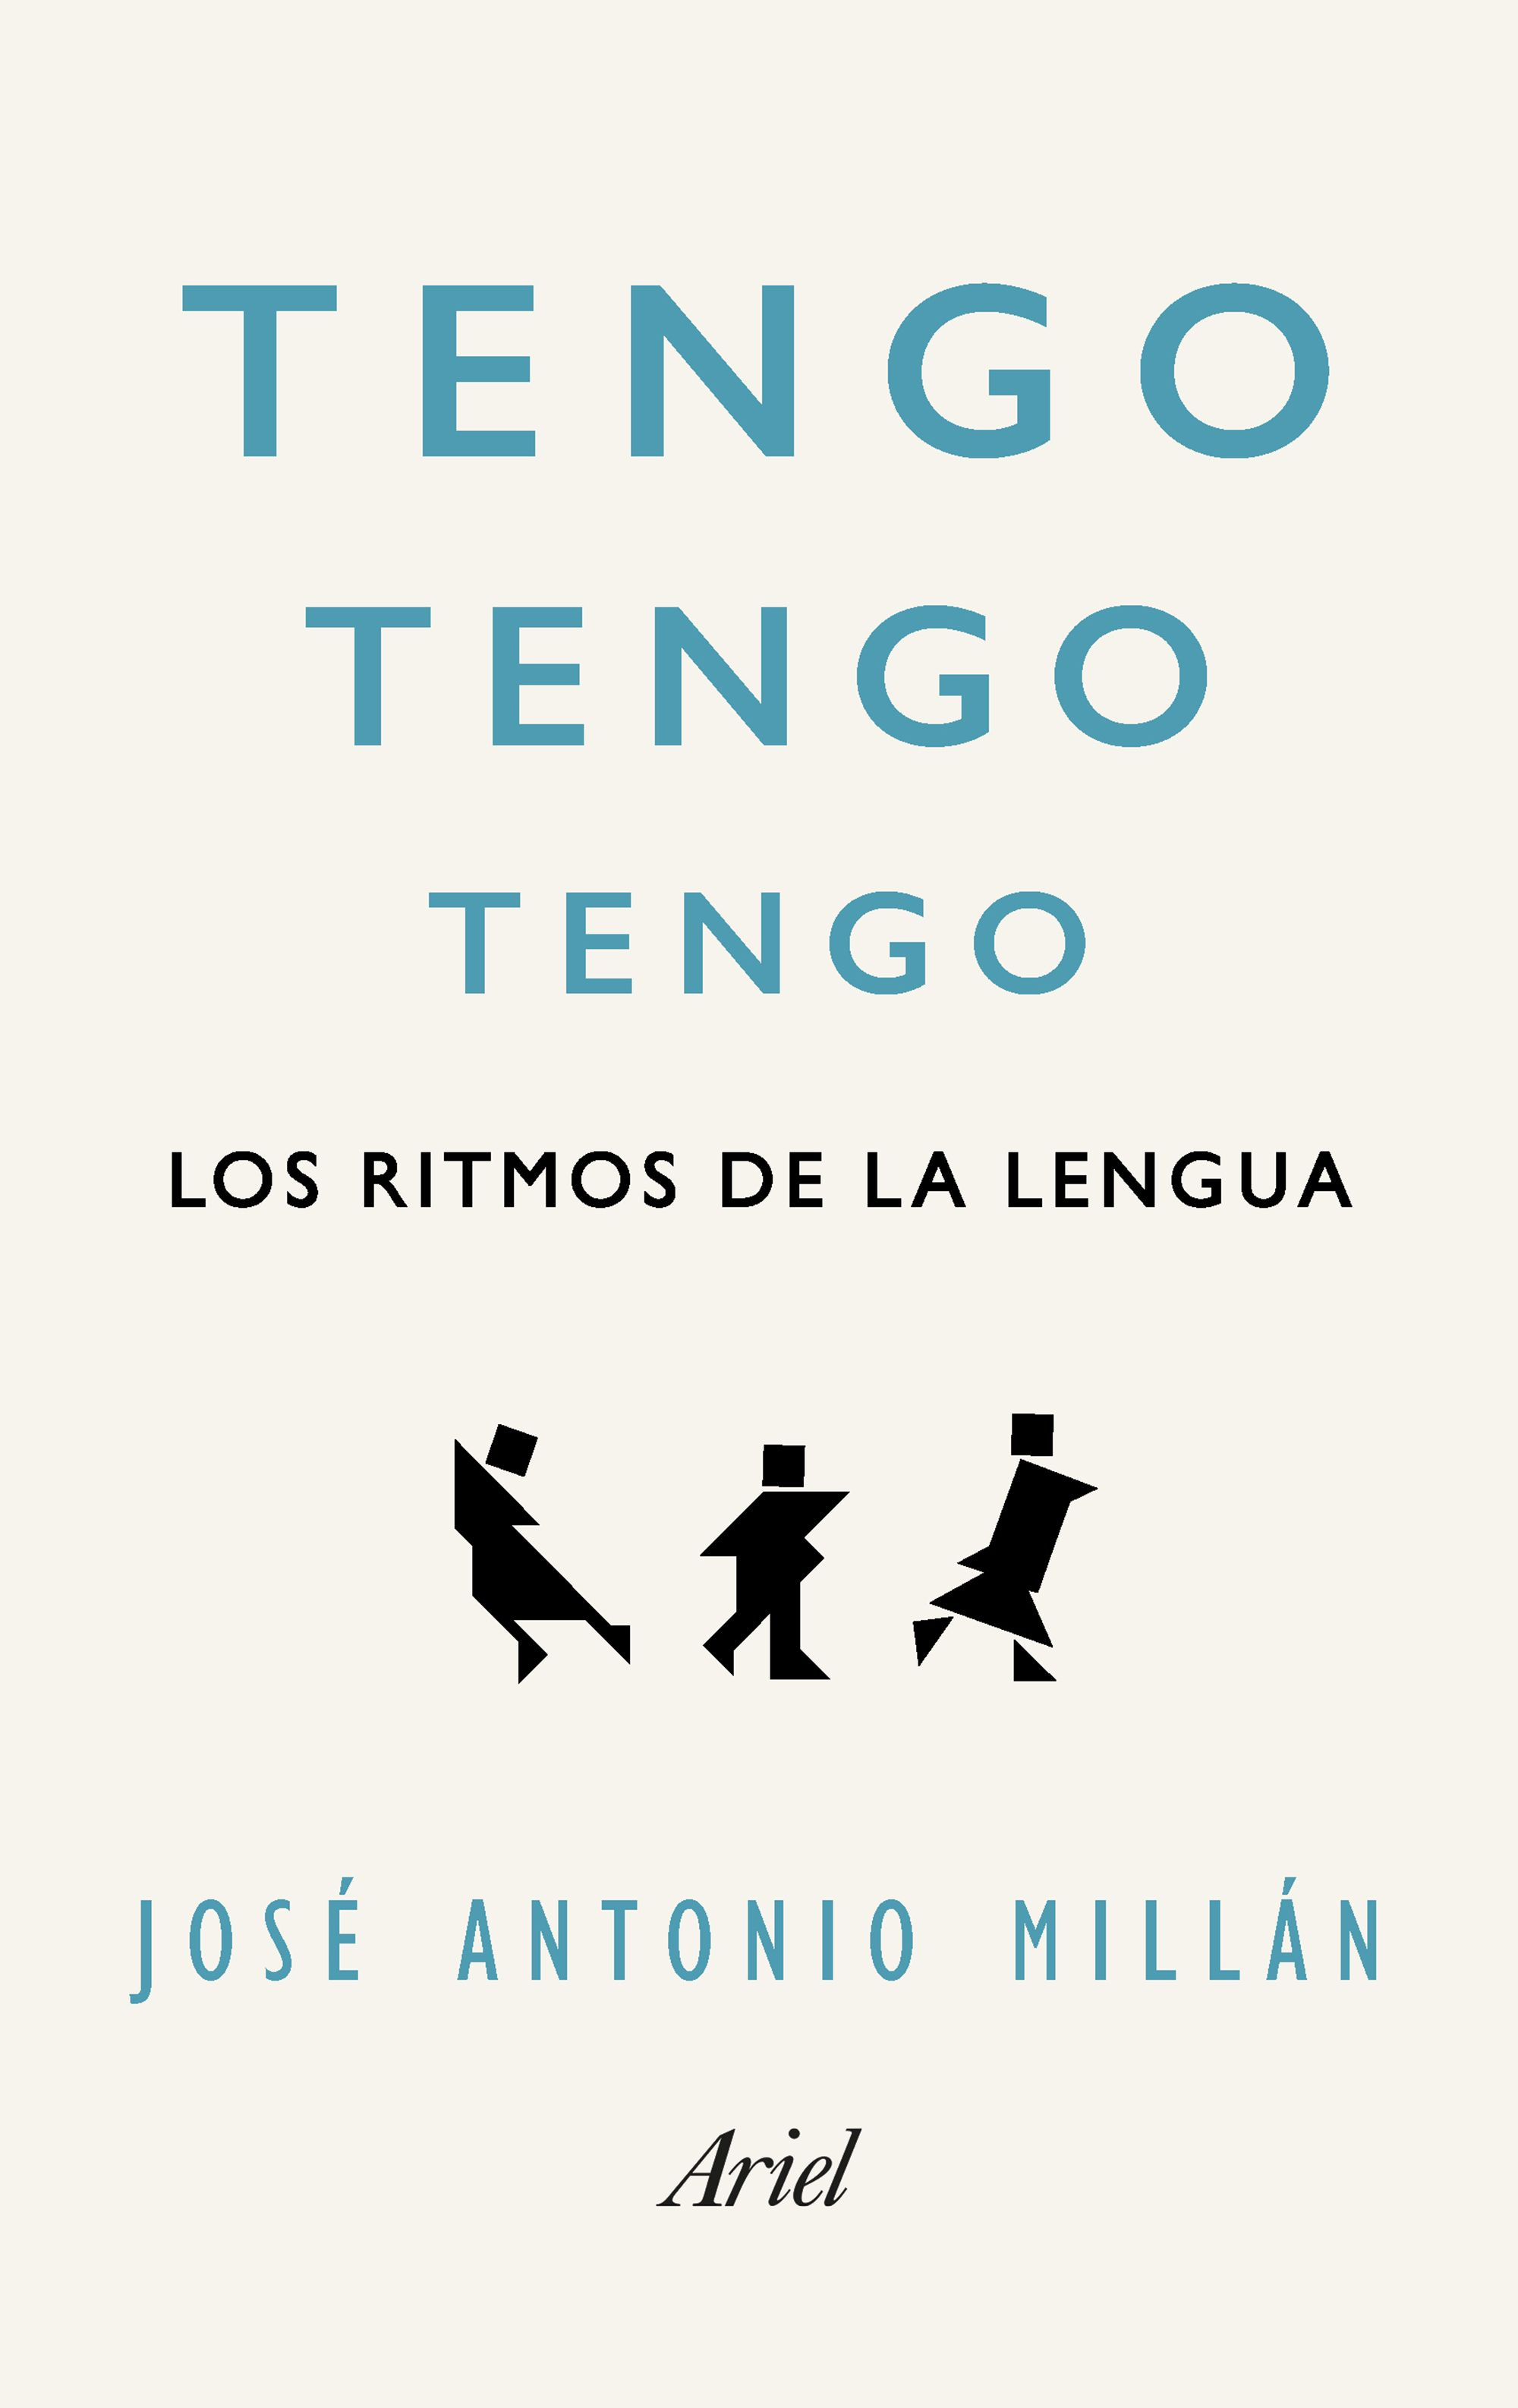 TENGO, TENGO, TENGO, de José Antonio Millán Portada_tengo-tengo-tengo_jose-antonio-millan-gonzalez_201703010041